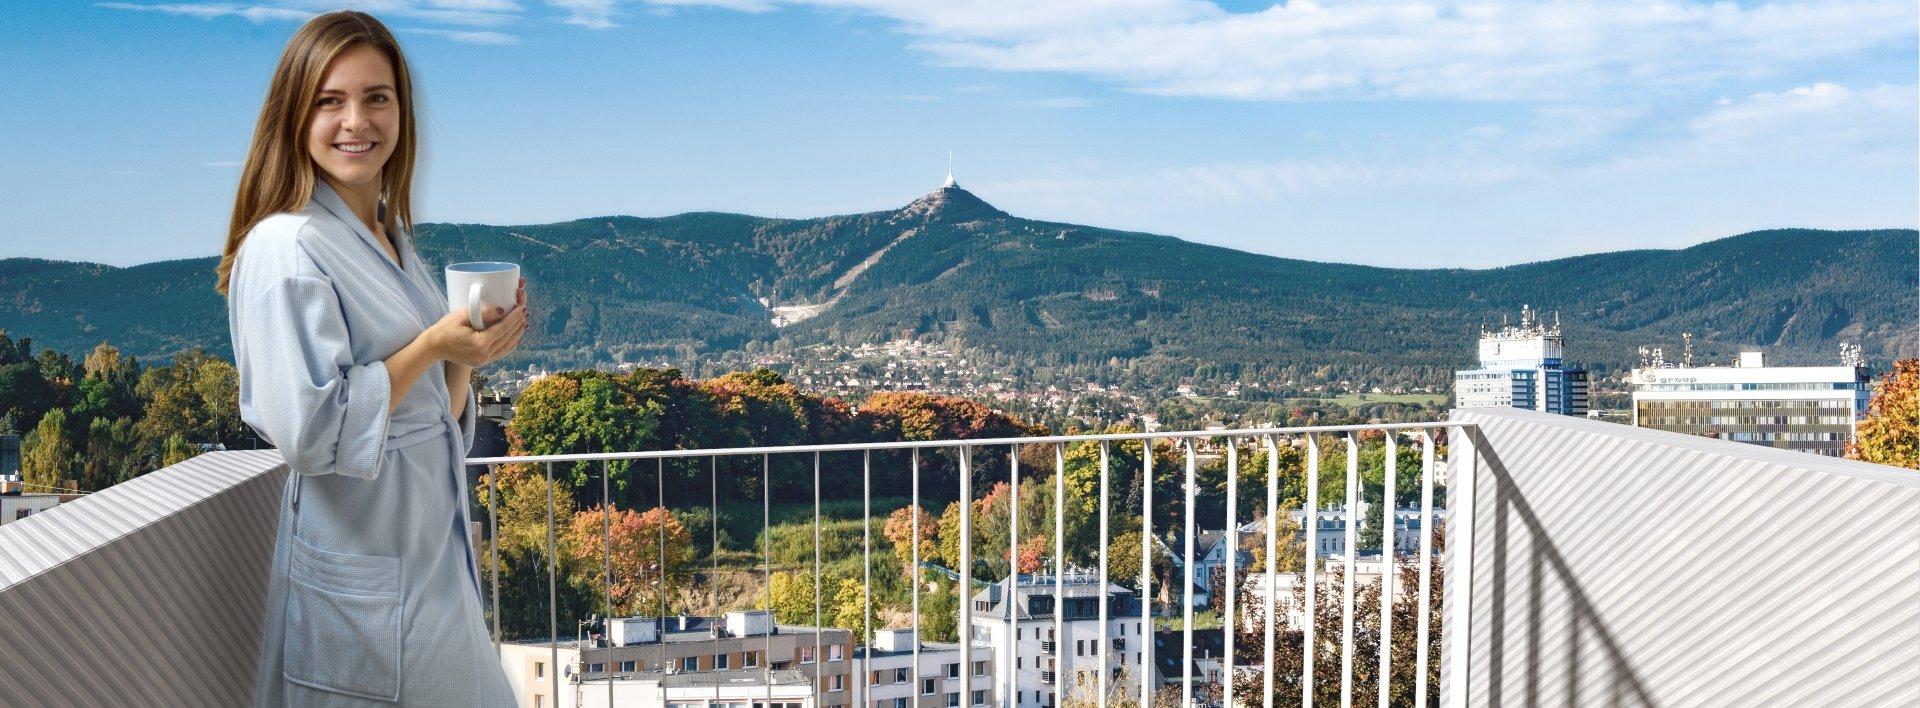 Jižní byt 2+kk v centru Liberce s krásným výhledem, Ev.č.: N48421